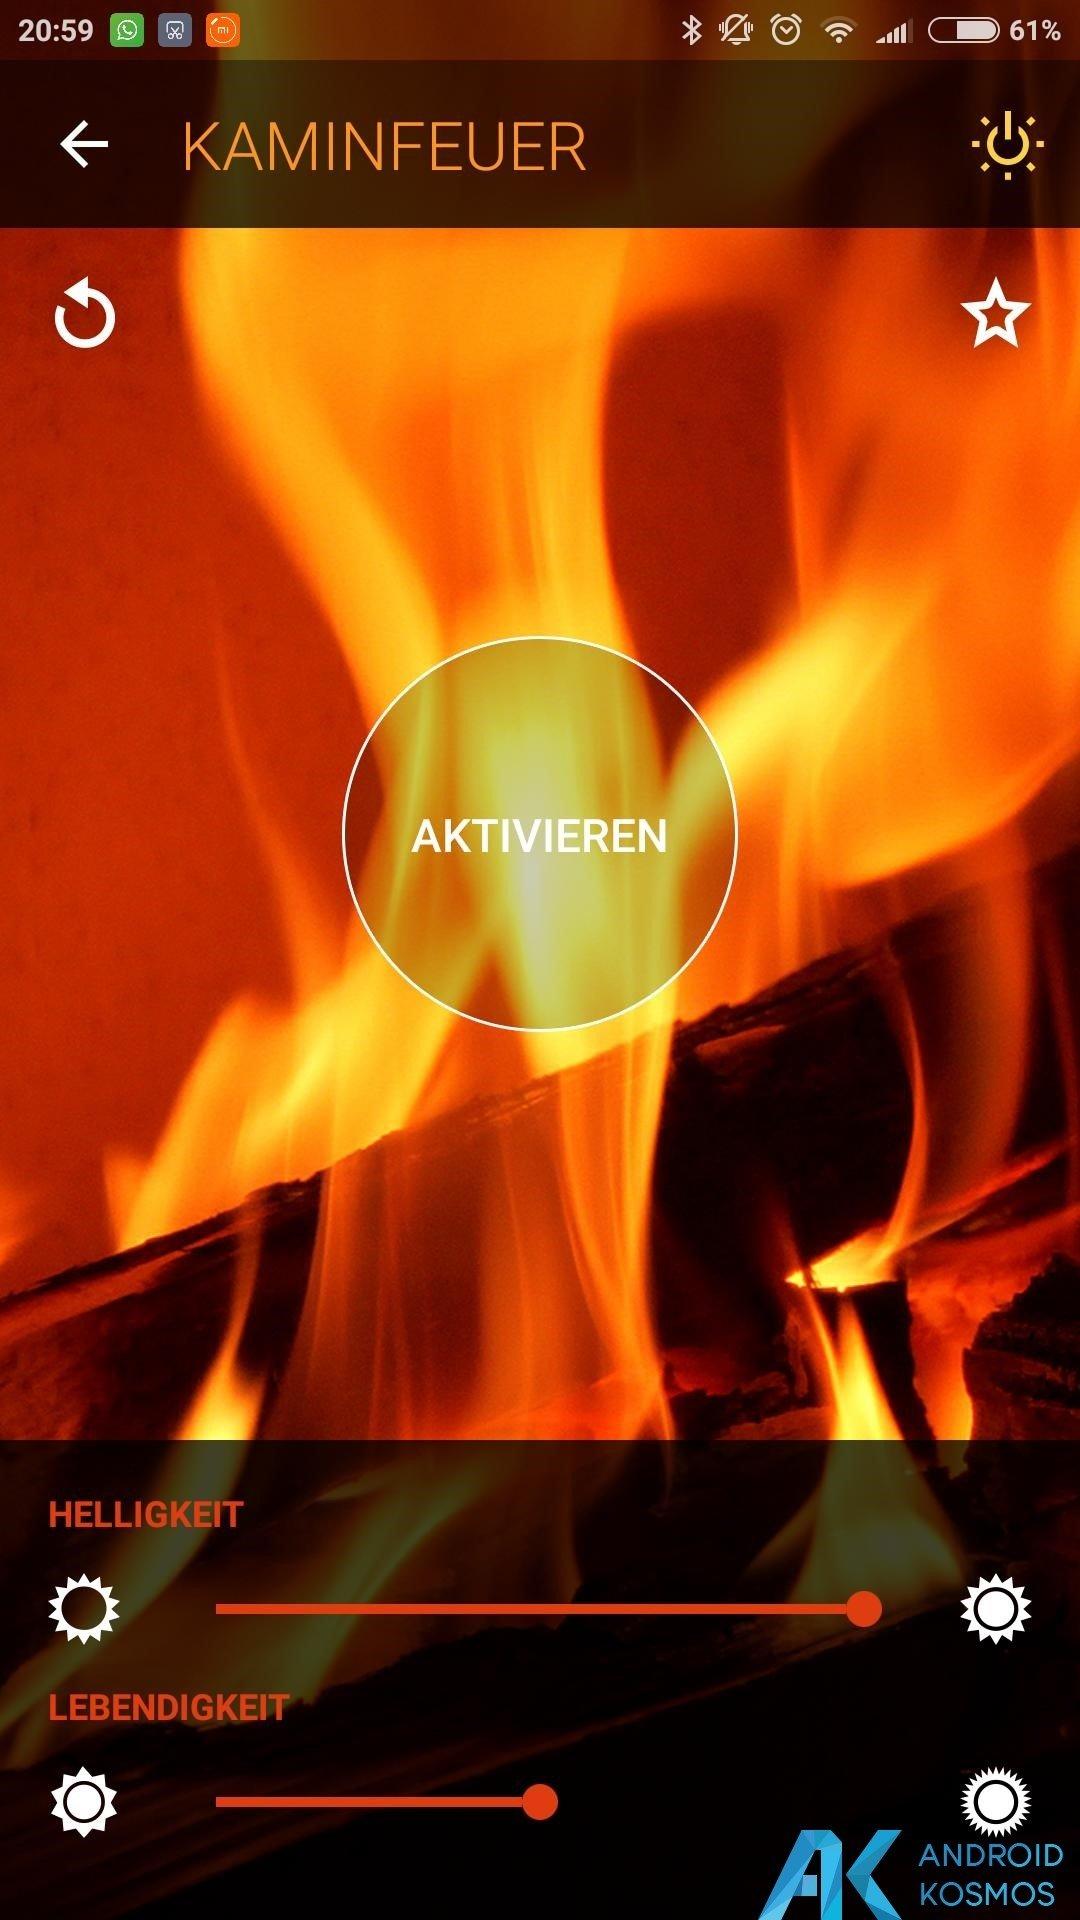 Test / Review Elgato Avea - Dynamisches Stimmungslicht 18